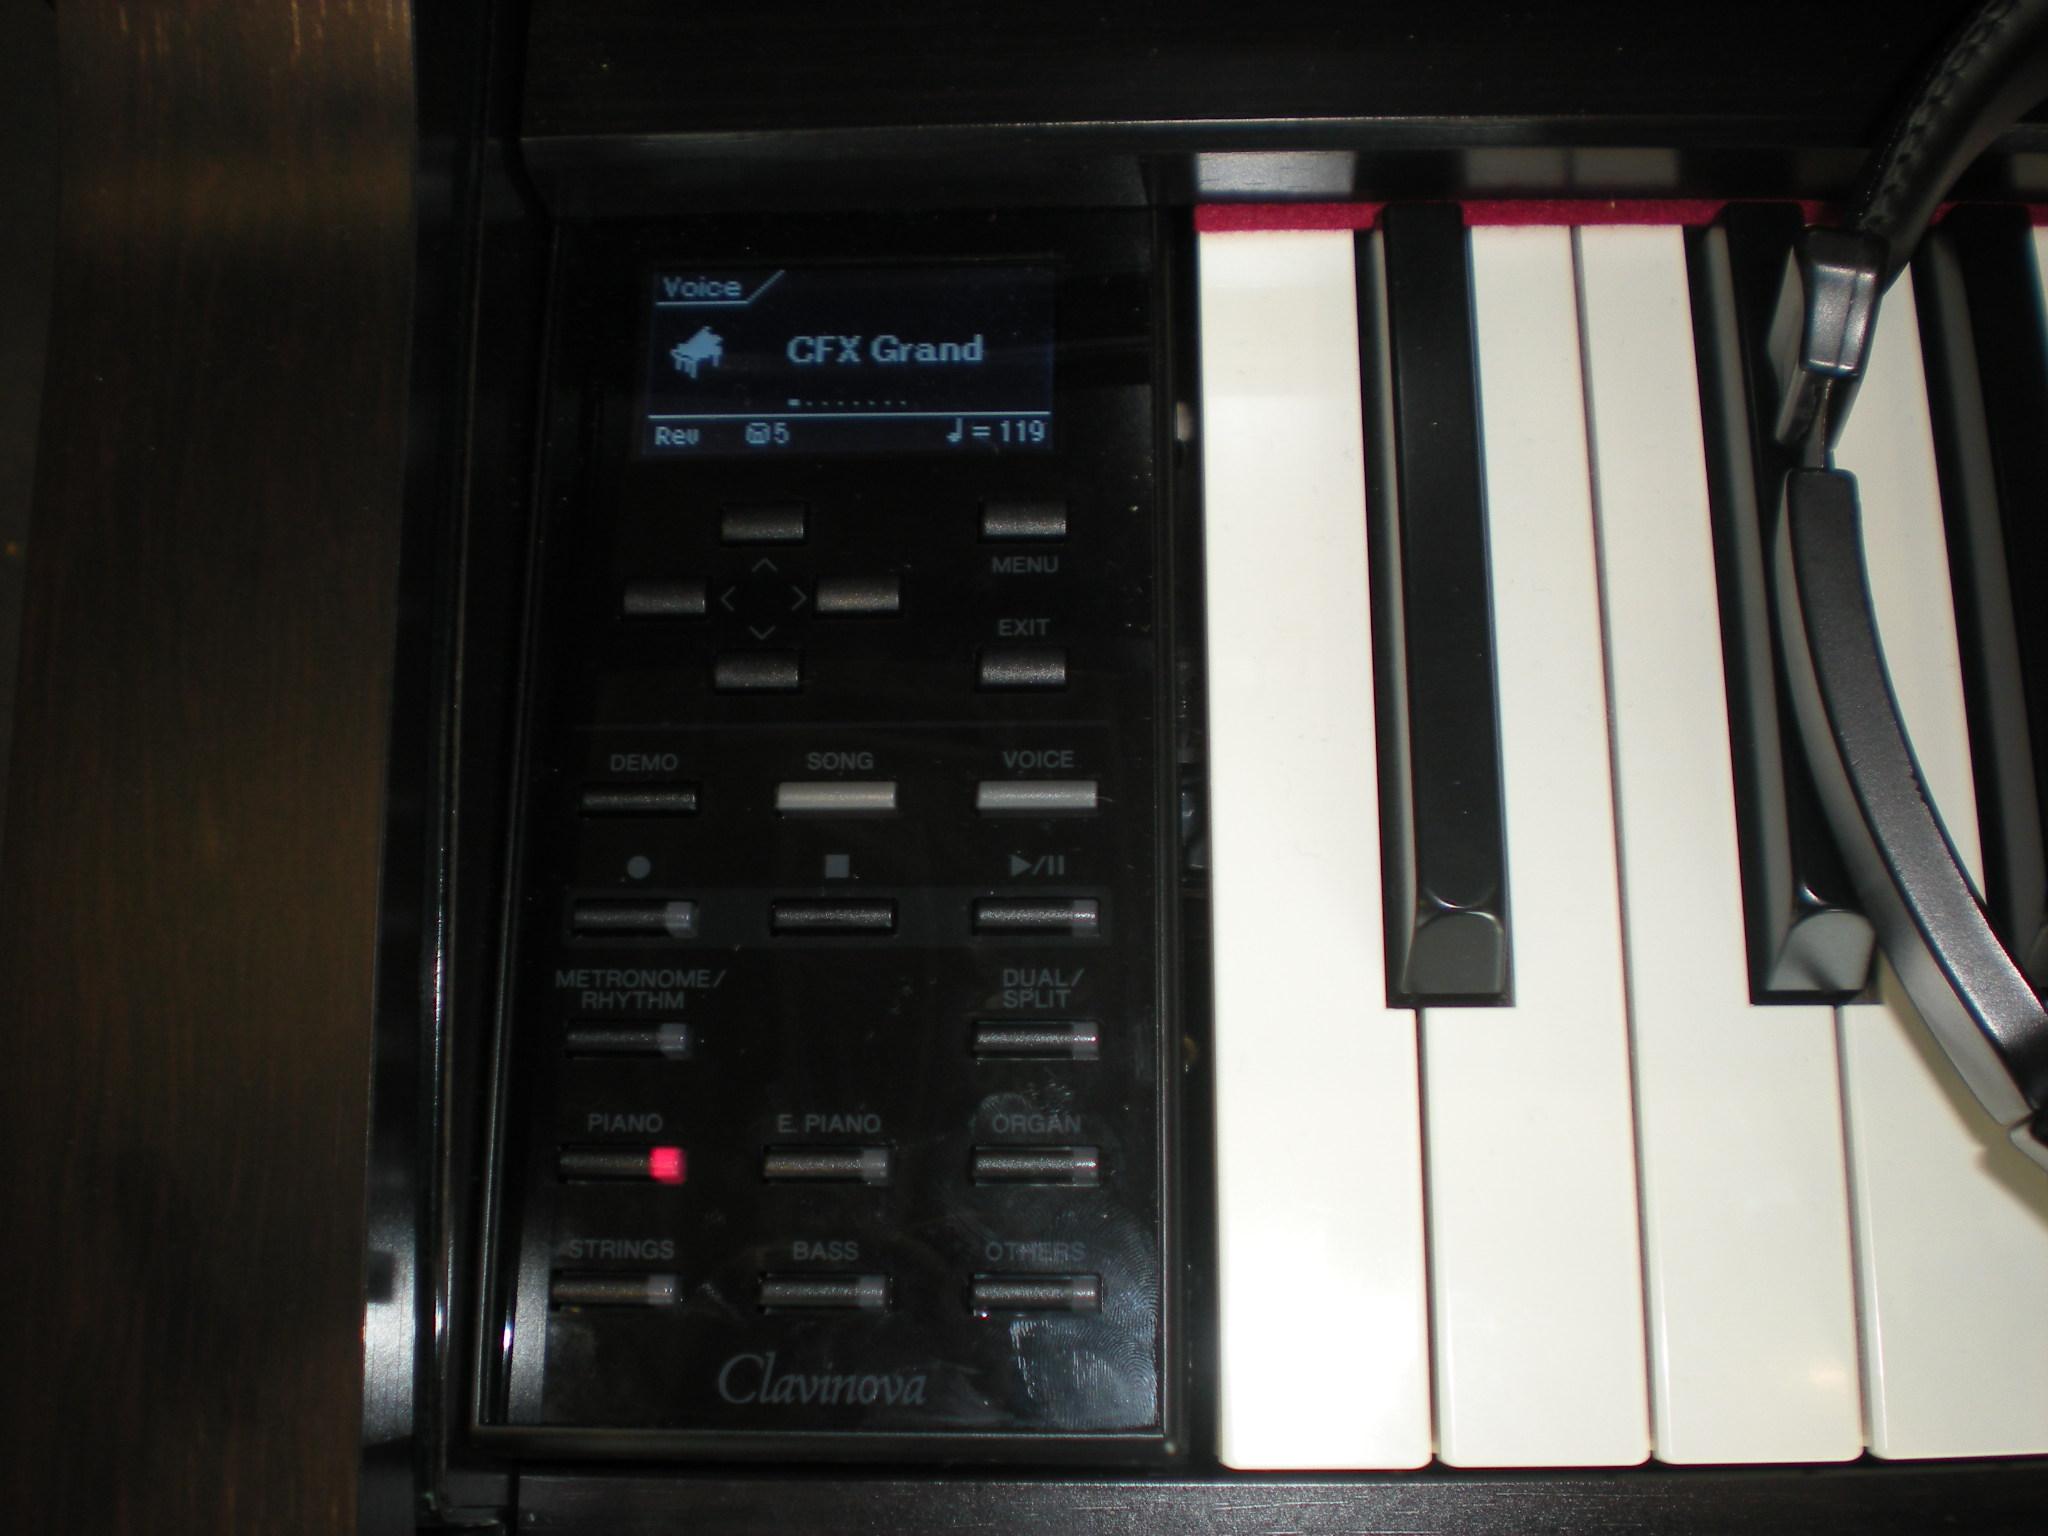 Yamaha_Clavinova_CLP-575_details.JPG